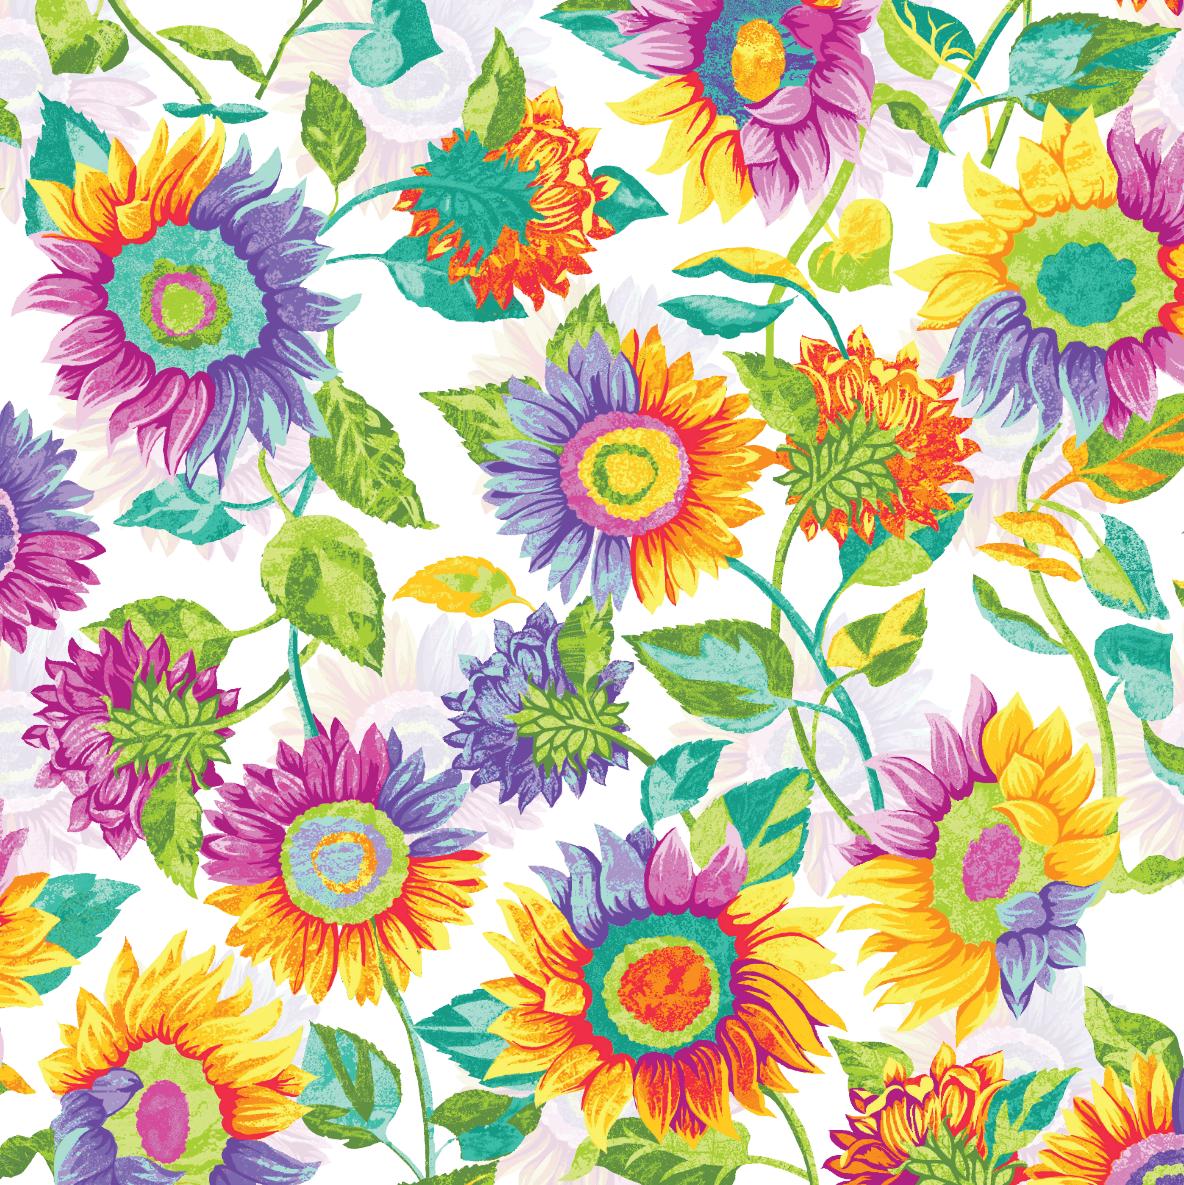 2020 Shop Hop - Enchanted Garden - Floral